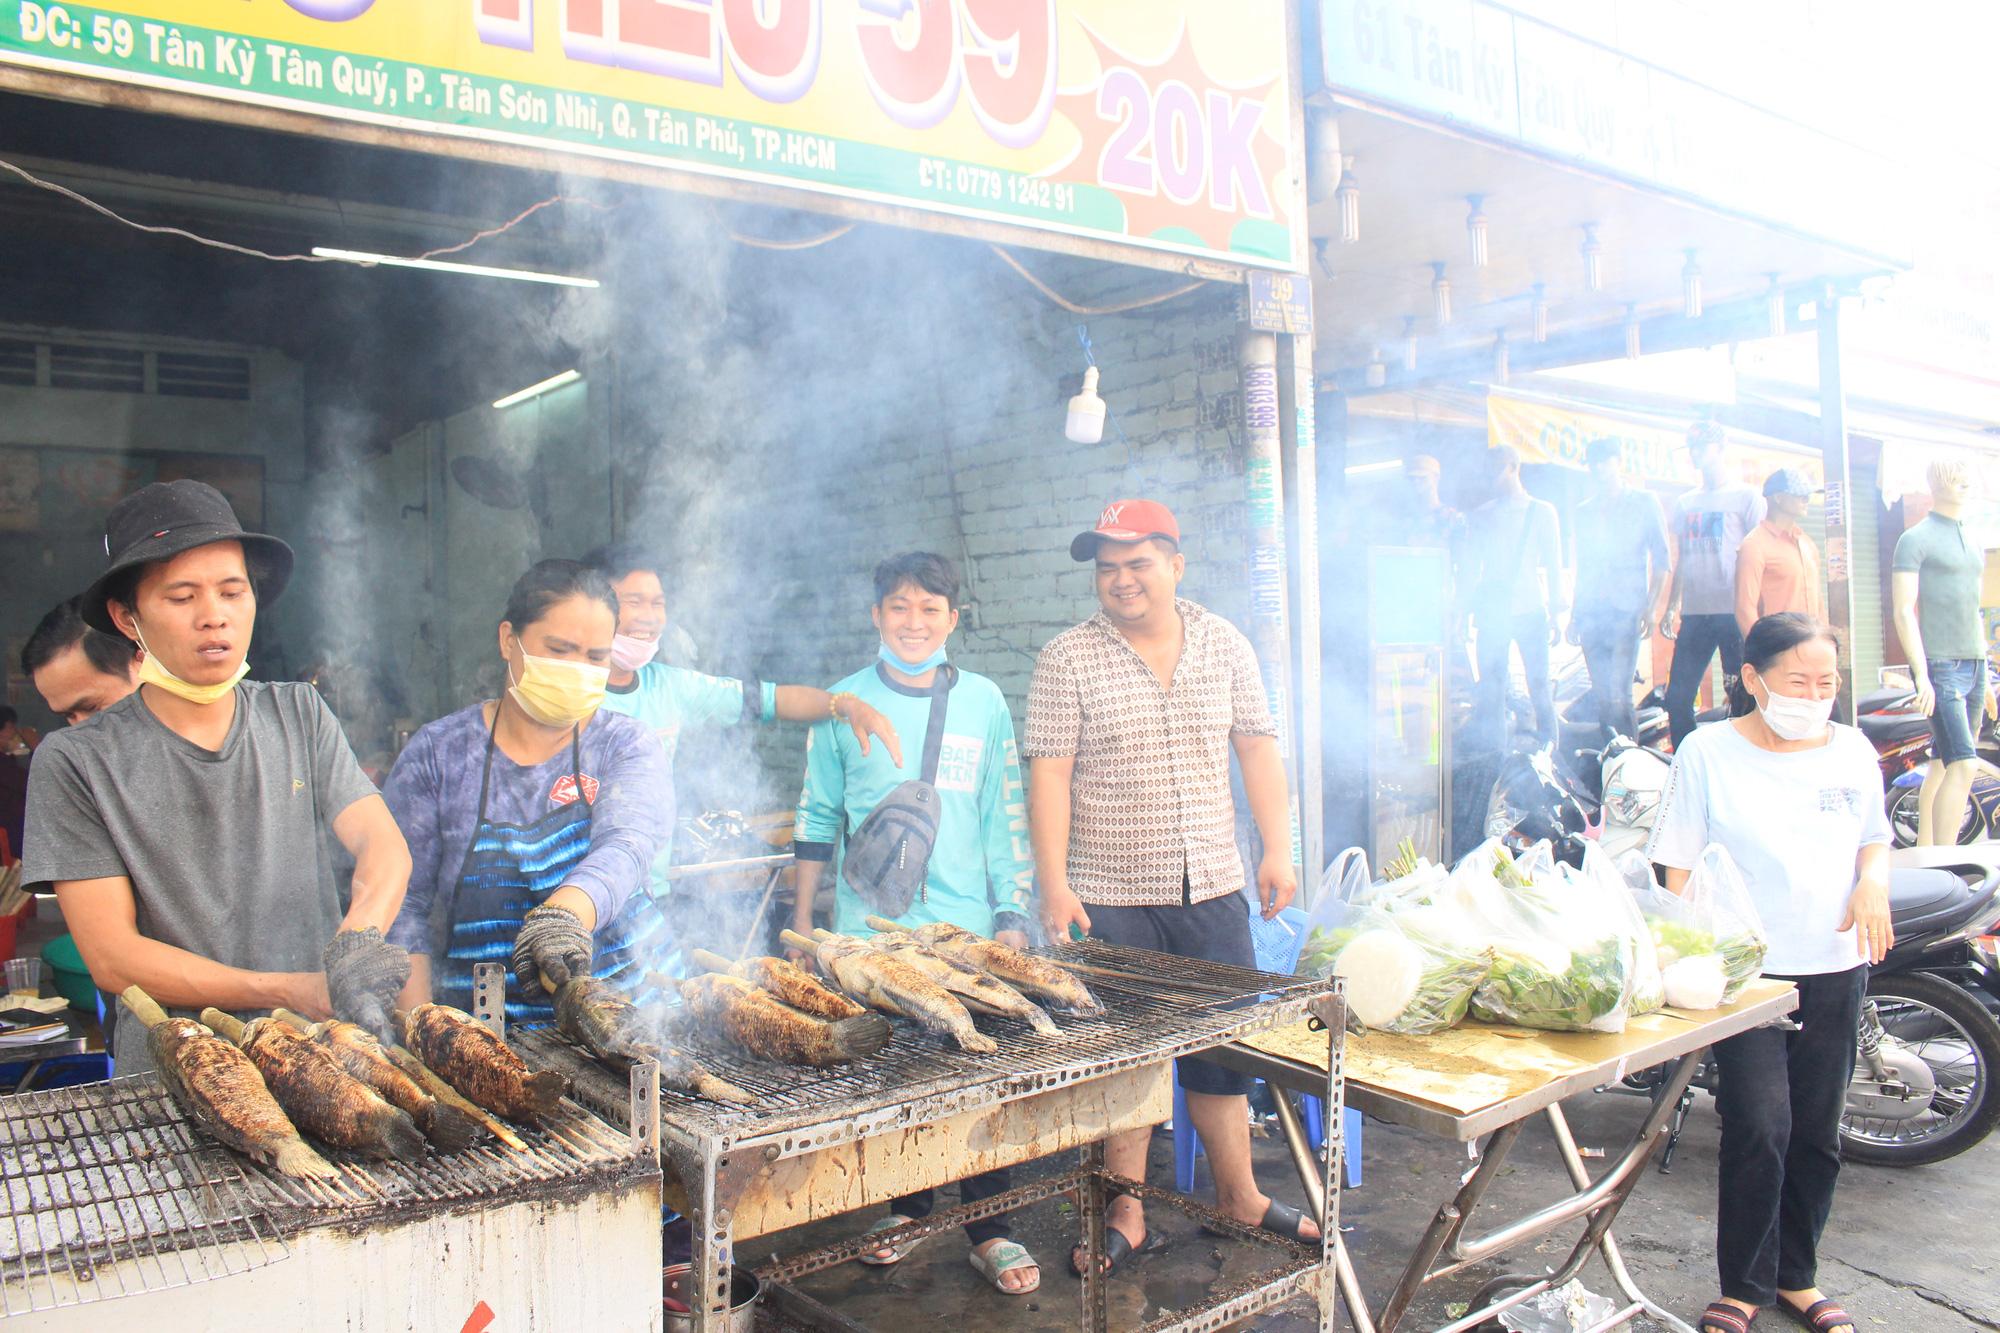 Chuẩn bị 3,5 tấn cá lóc nướng ngày vía Thần tài nhưng vẫn lo không đủ bán ở Sài Gòn - Ảnh 13.